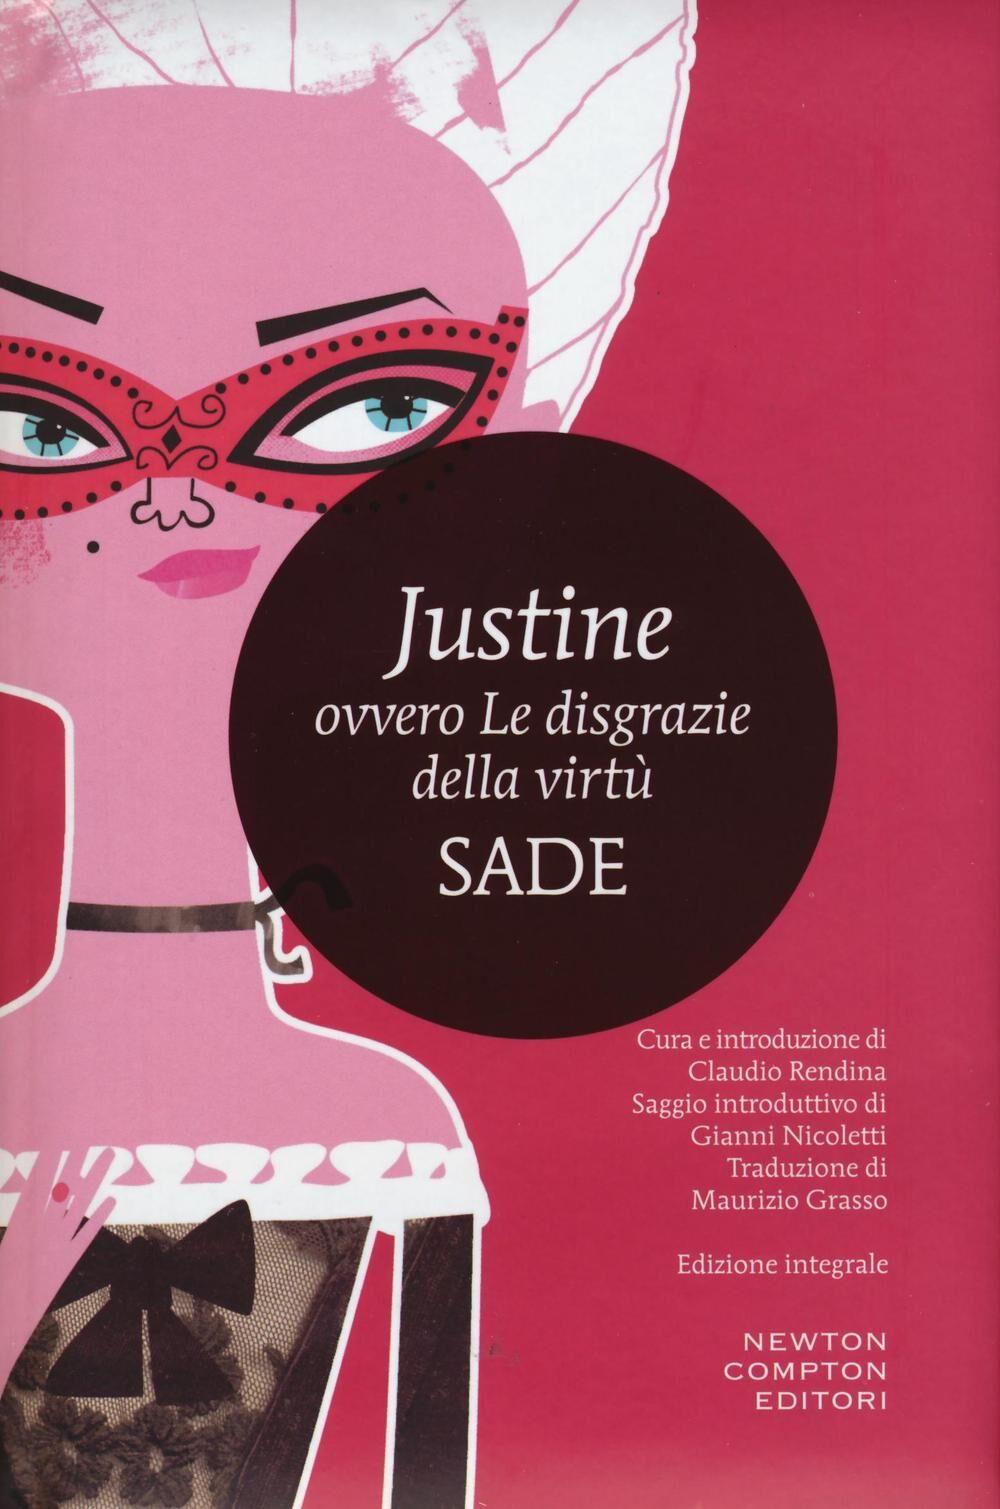 Justine ovvero le disgrazie della virtù. Ediz. integrale